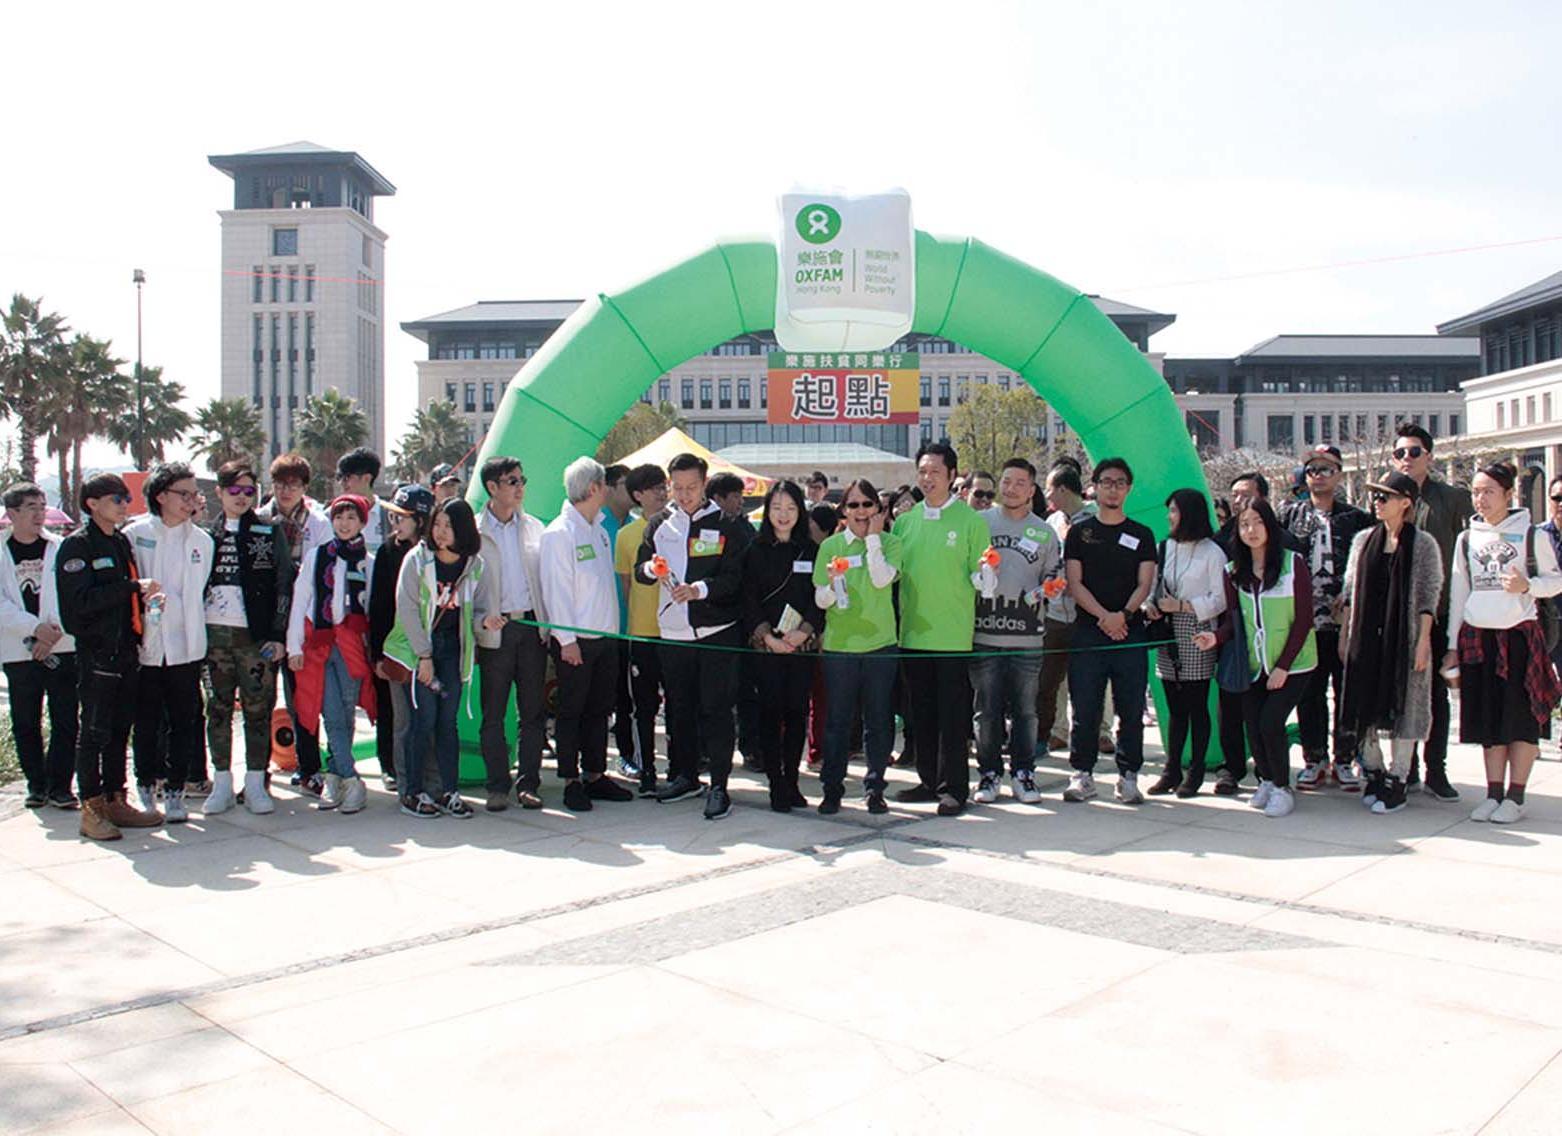 團體冀吸引青年參與慈善